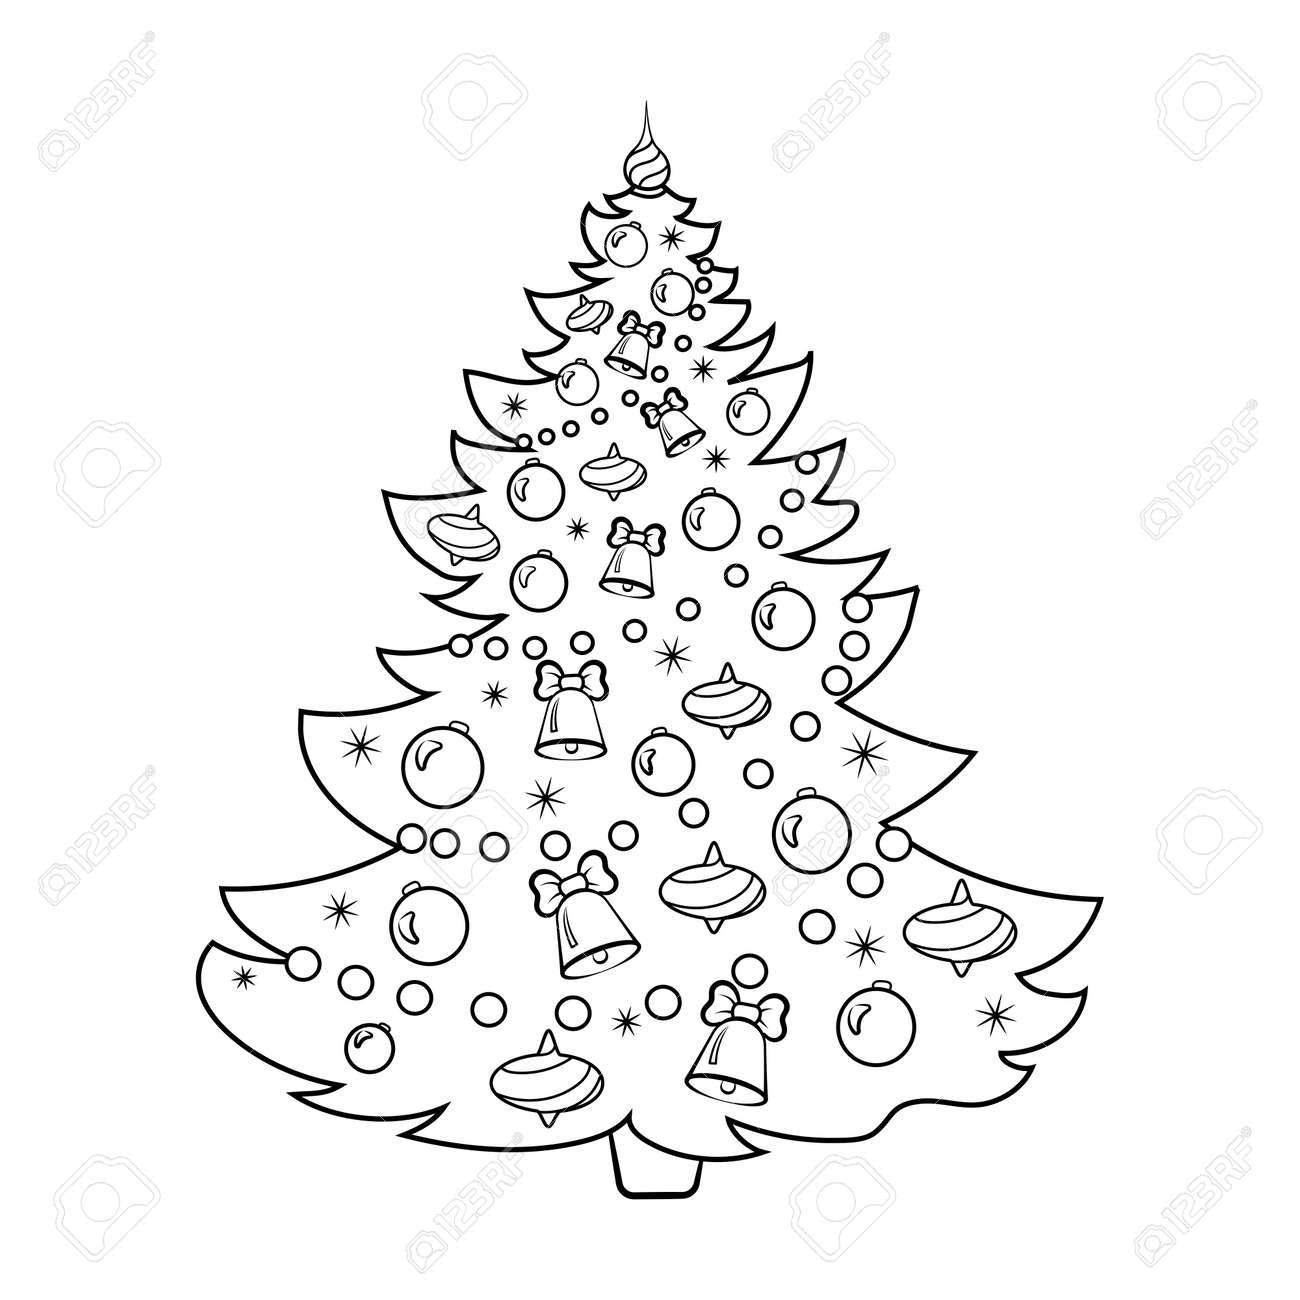 Ejemplo De Libro Para Colorear Dibujos Animados Vector Del árbol De ...